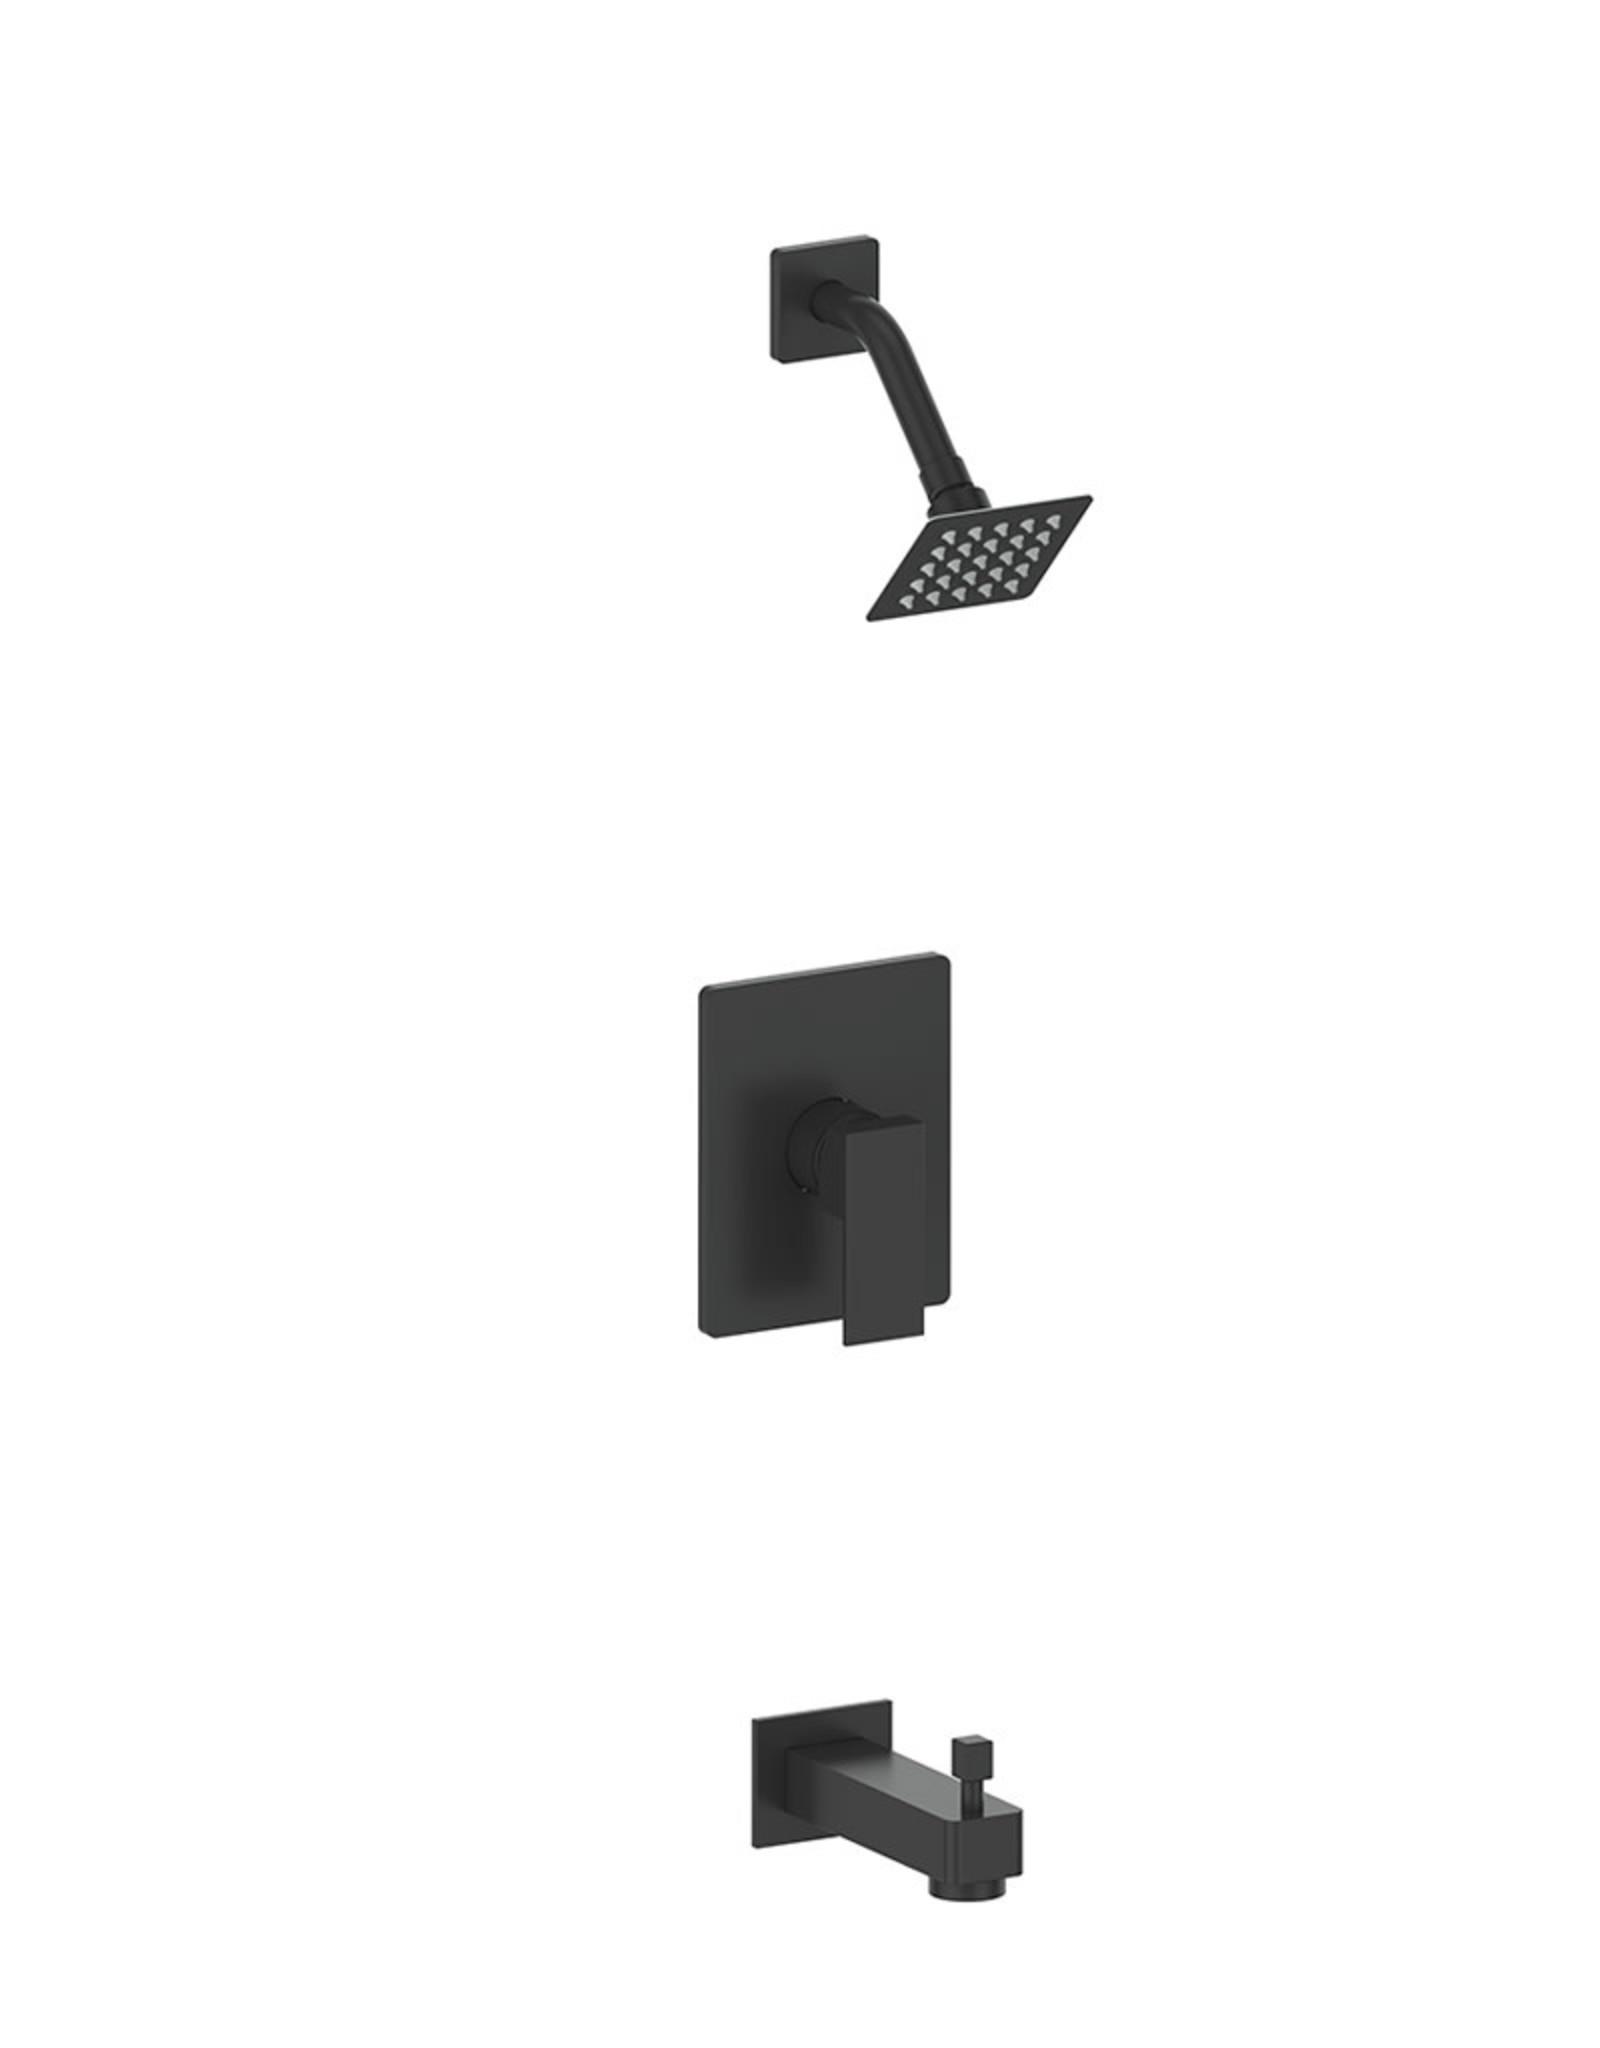 Vogt Vogt Kapfenberg 1-Way Pressure Balance Shower Kit- Fixed Head w/ Tub Spout